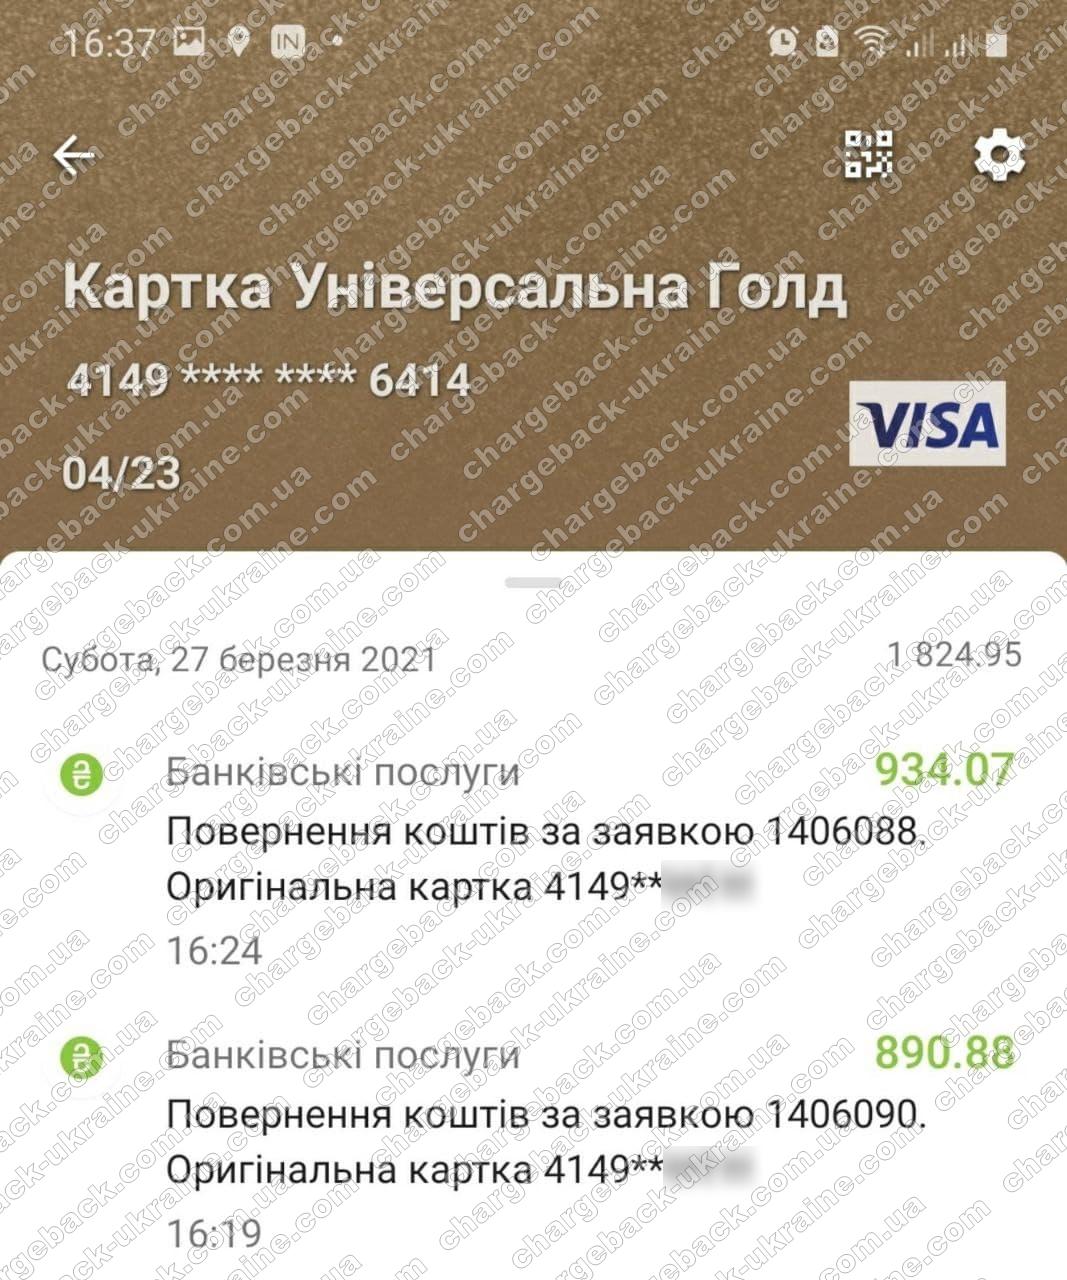 Поверенення 27 березня 2021 – 1824 євро з i-want.broker